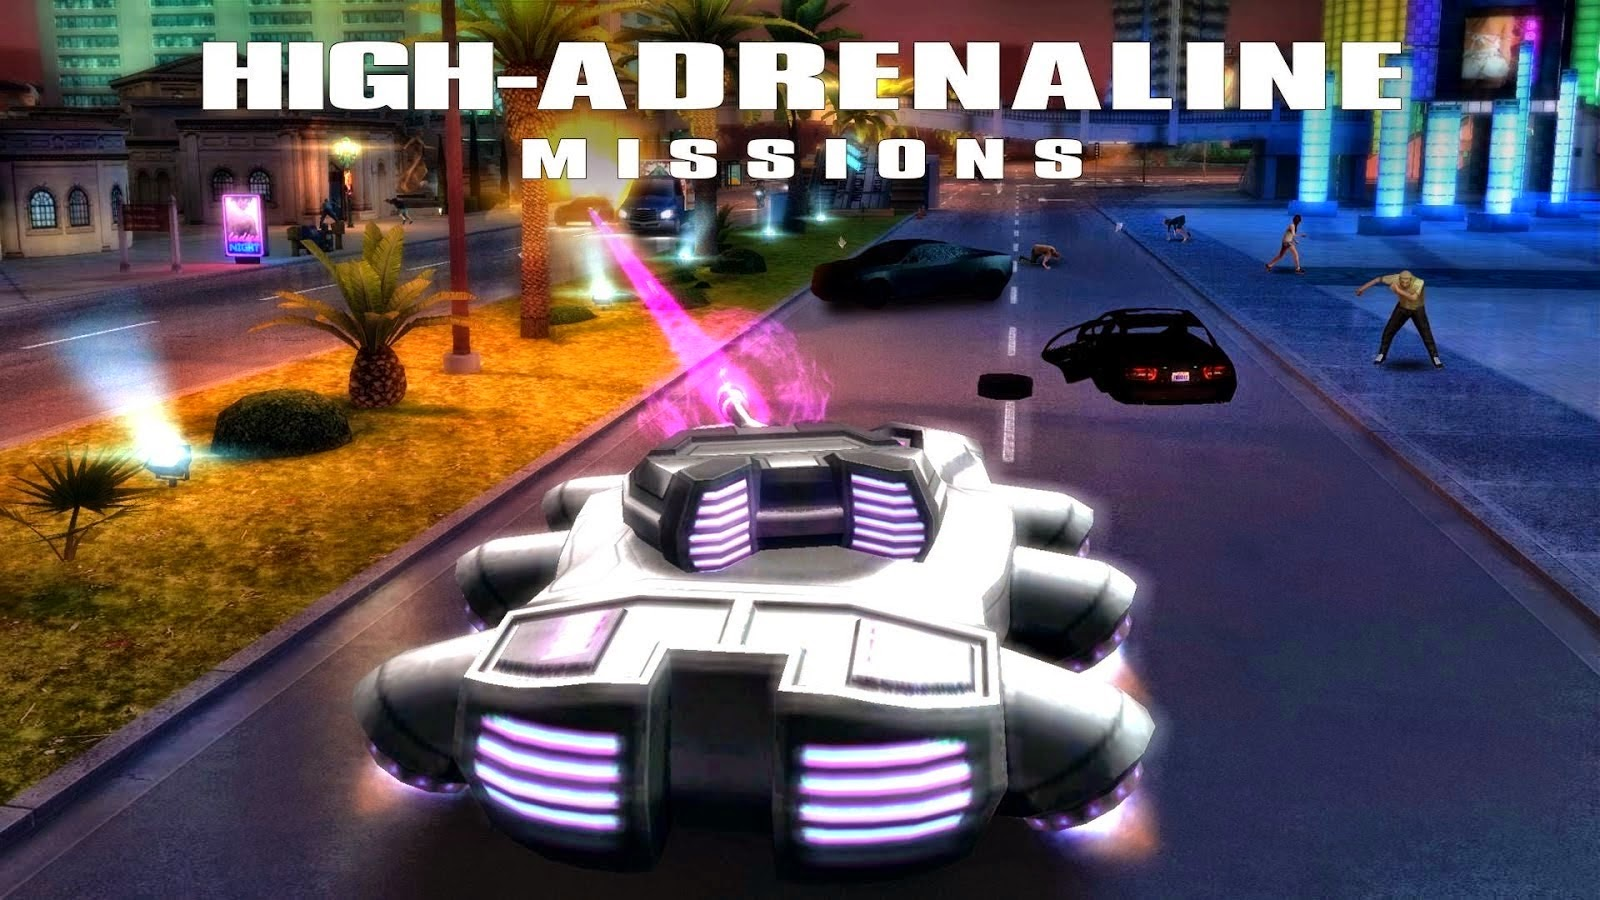 GangstarVegas%2BMODAPK%2BDATAv1.8.1a_Androcut_1s Gangstar Vegas MOD APK+DATA v1.8.1a (1.eight.1a) (Mod Unlimited Cash) Apps